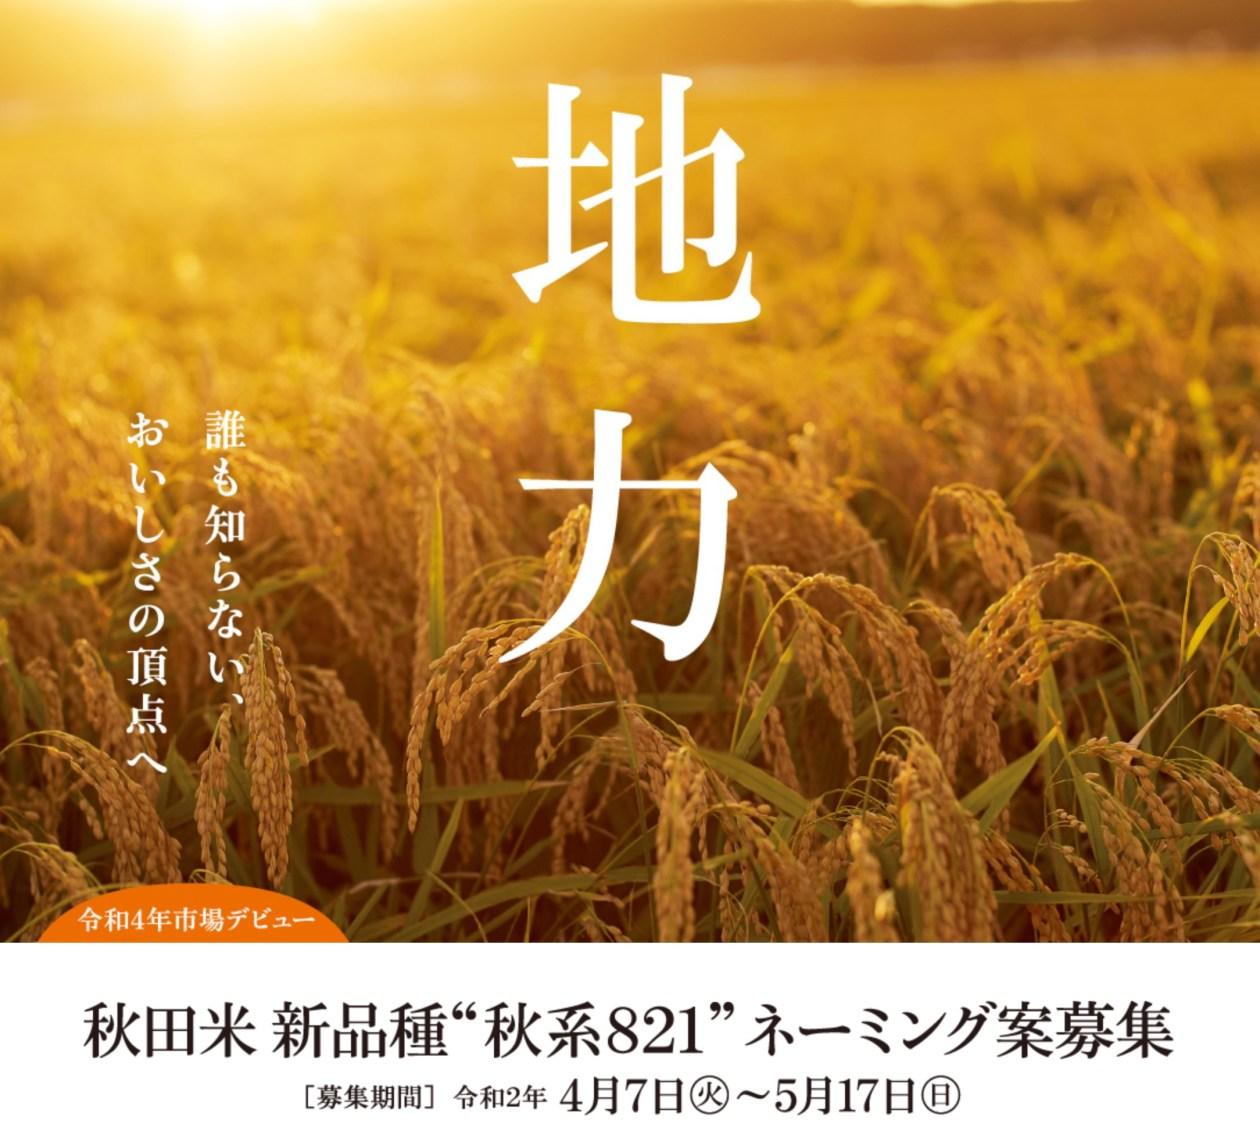 >秋田の新品種のネーミング公募